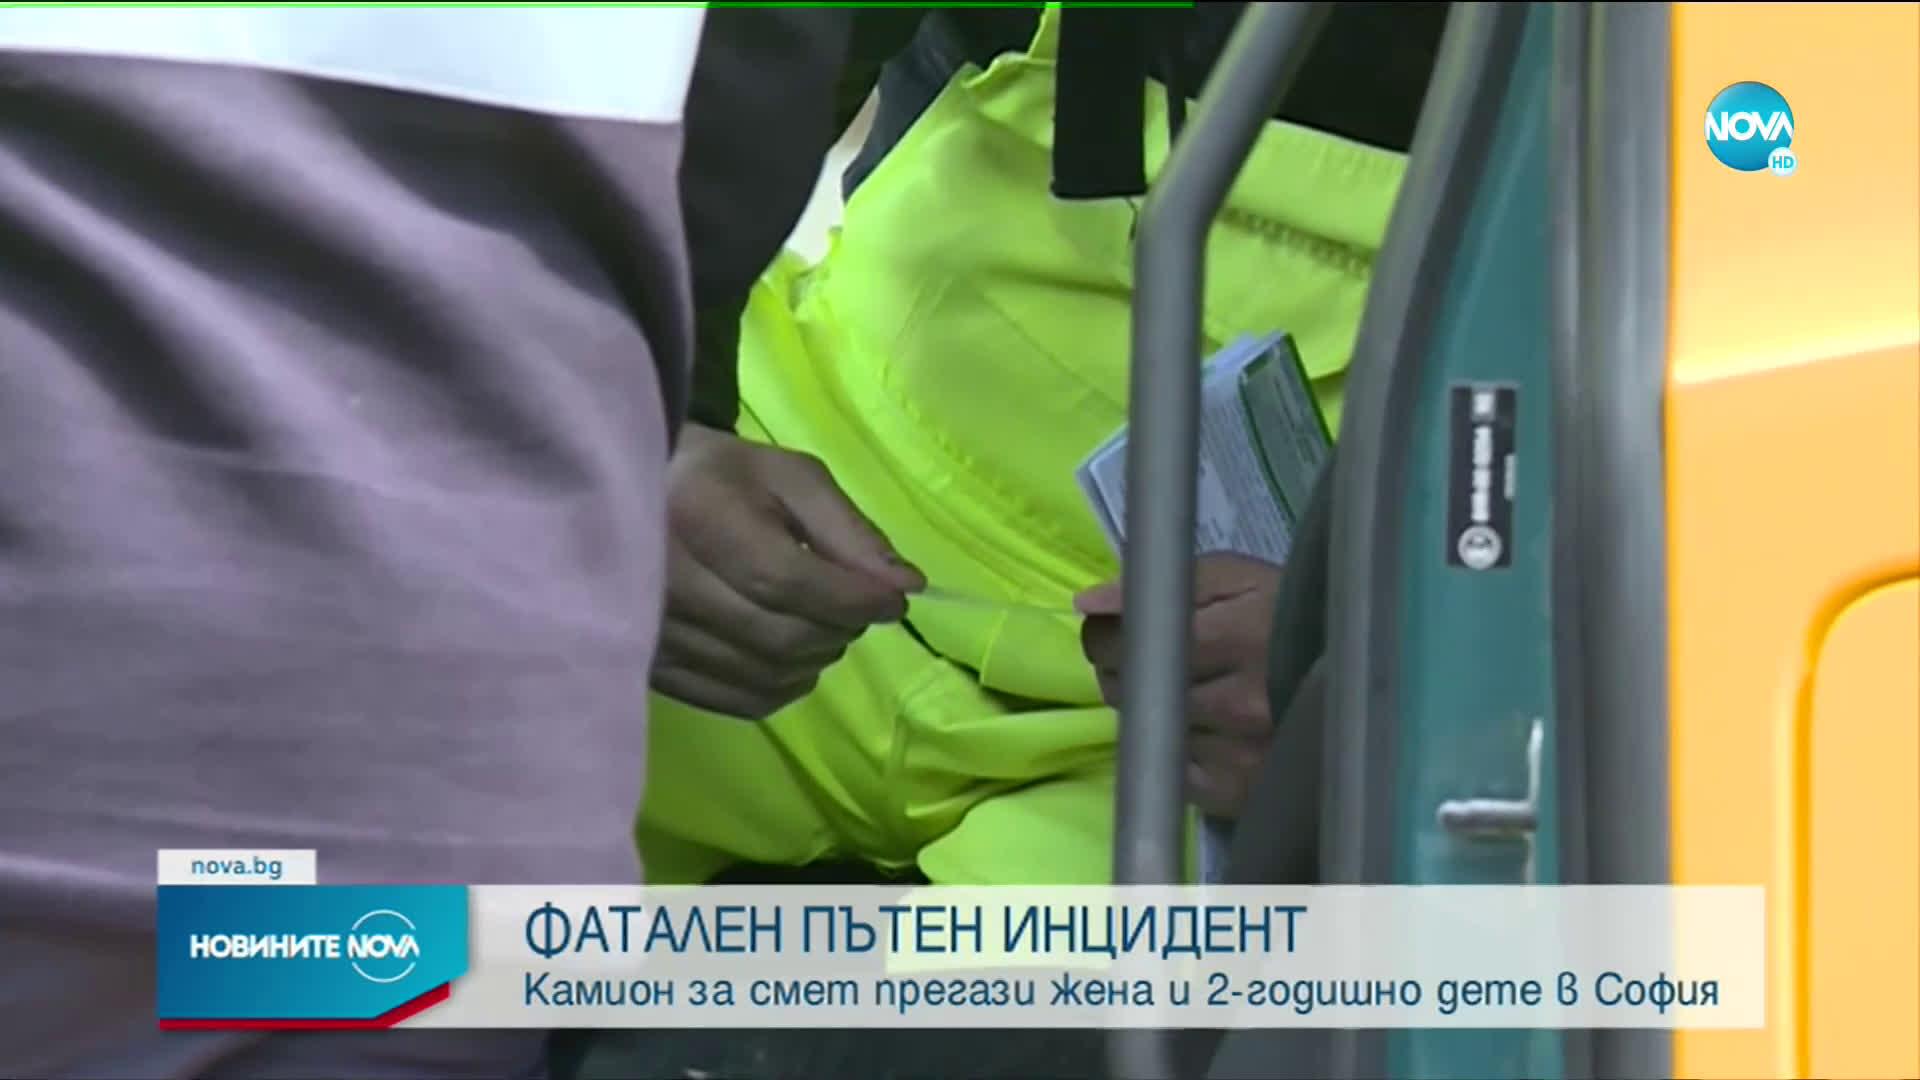 Камион за смет прегази жена и 2-годишно дете в София